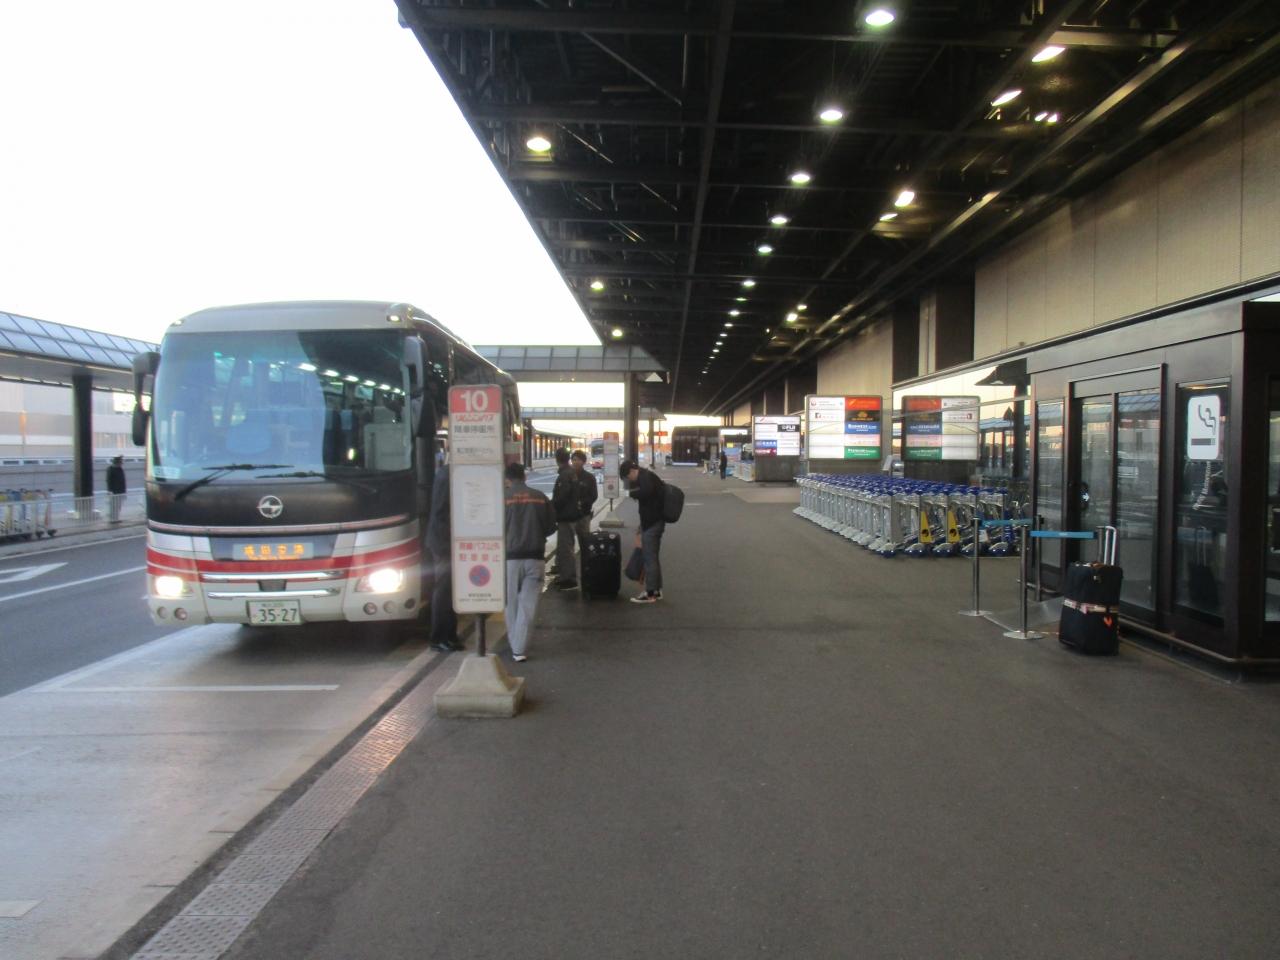 エアポート リムジンバス 成田空港線 (東京空港交通) 写真 ...